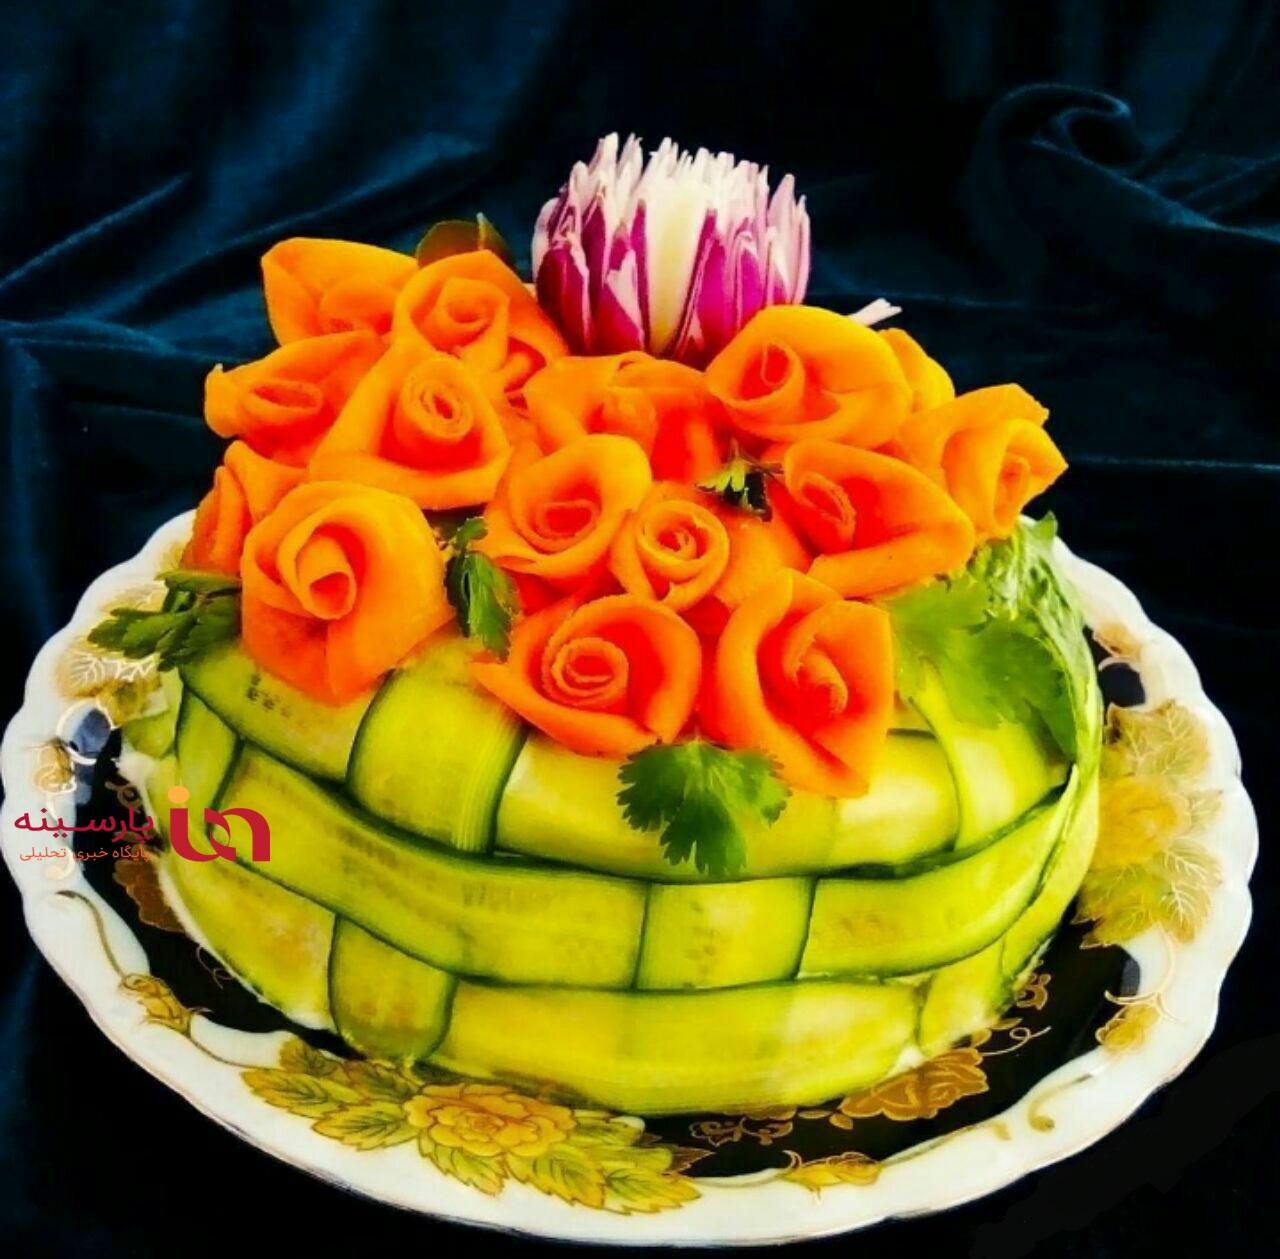 کیک تن ماهی، یک کیک اسپانیایی خوشمزه